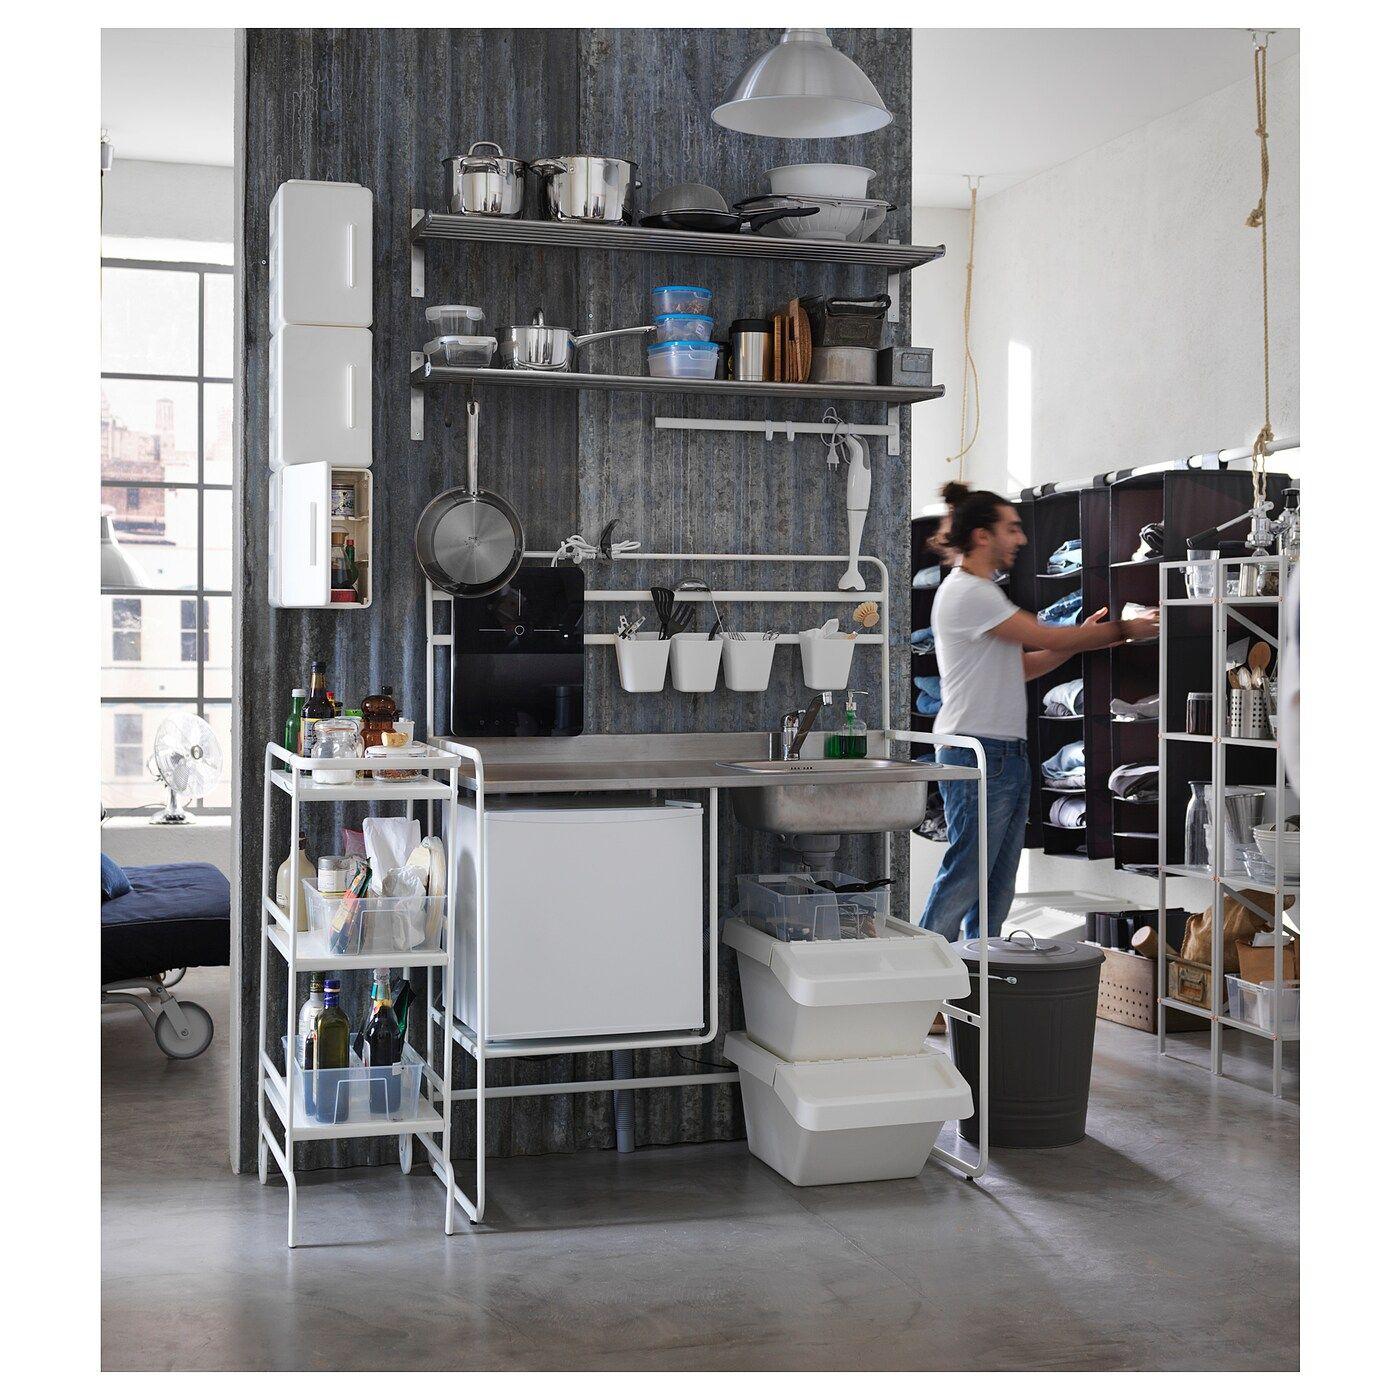 Full Size of Miniküchen Ikea Sunnersta Minikche Einrichtungsideen Küche Kosten Betten 160x200 Kaufen Miniküche Sofa Mit Schlaffunktion Modulküche Bei Wohnzimmer Miniküchen Ikea